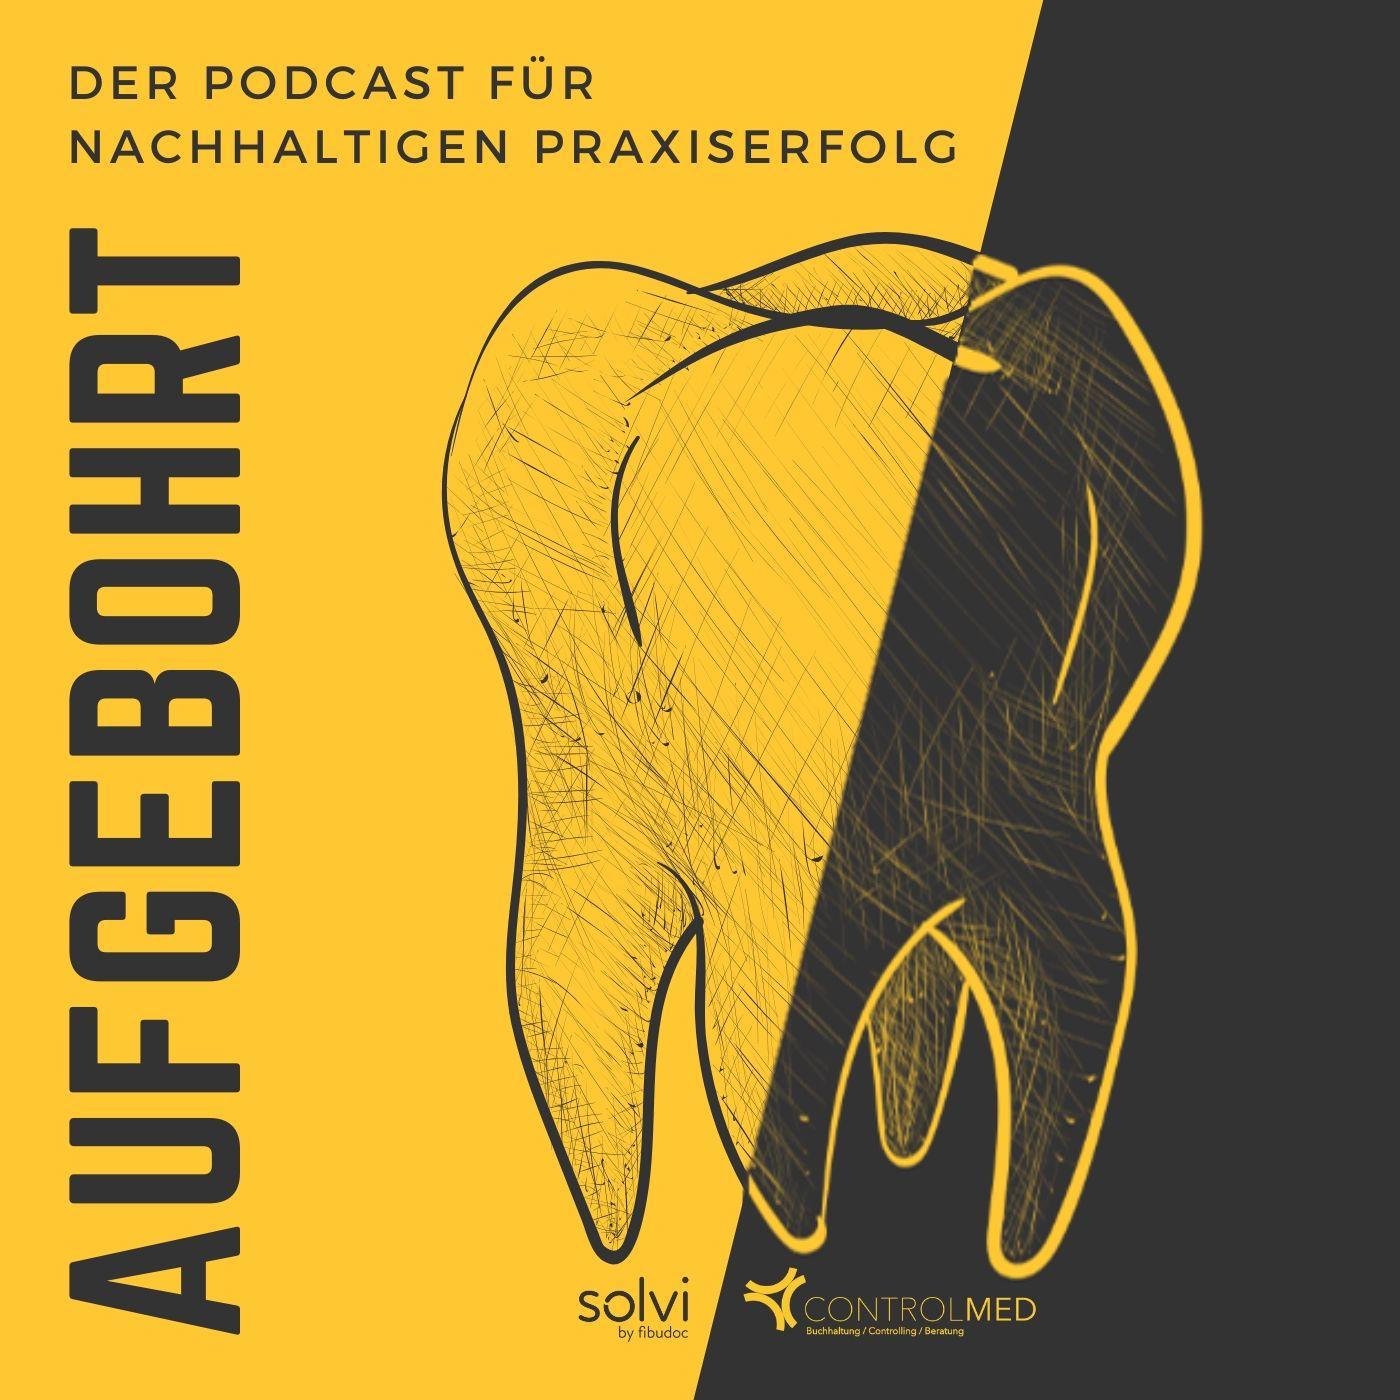 Bild zum Podcast